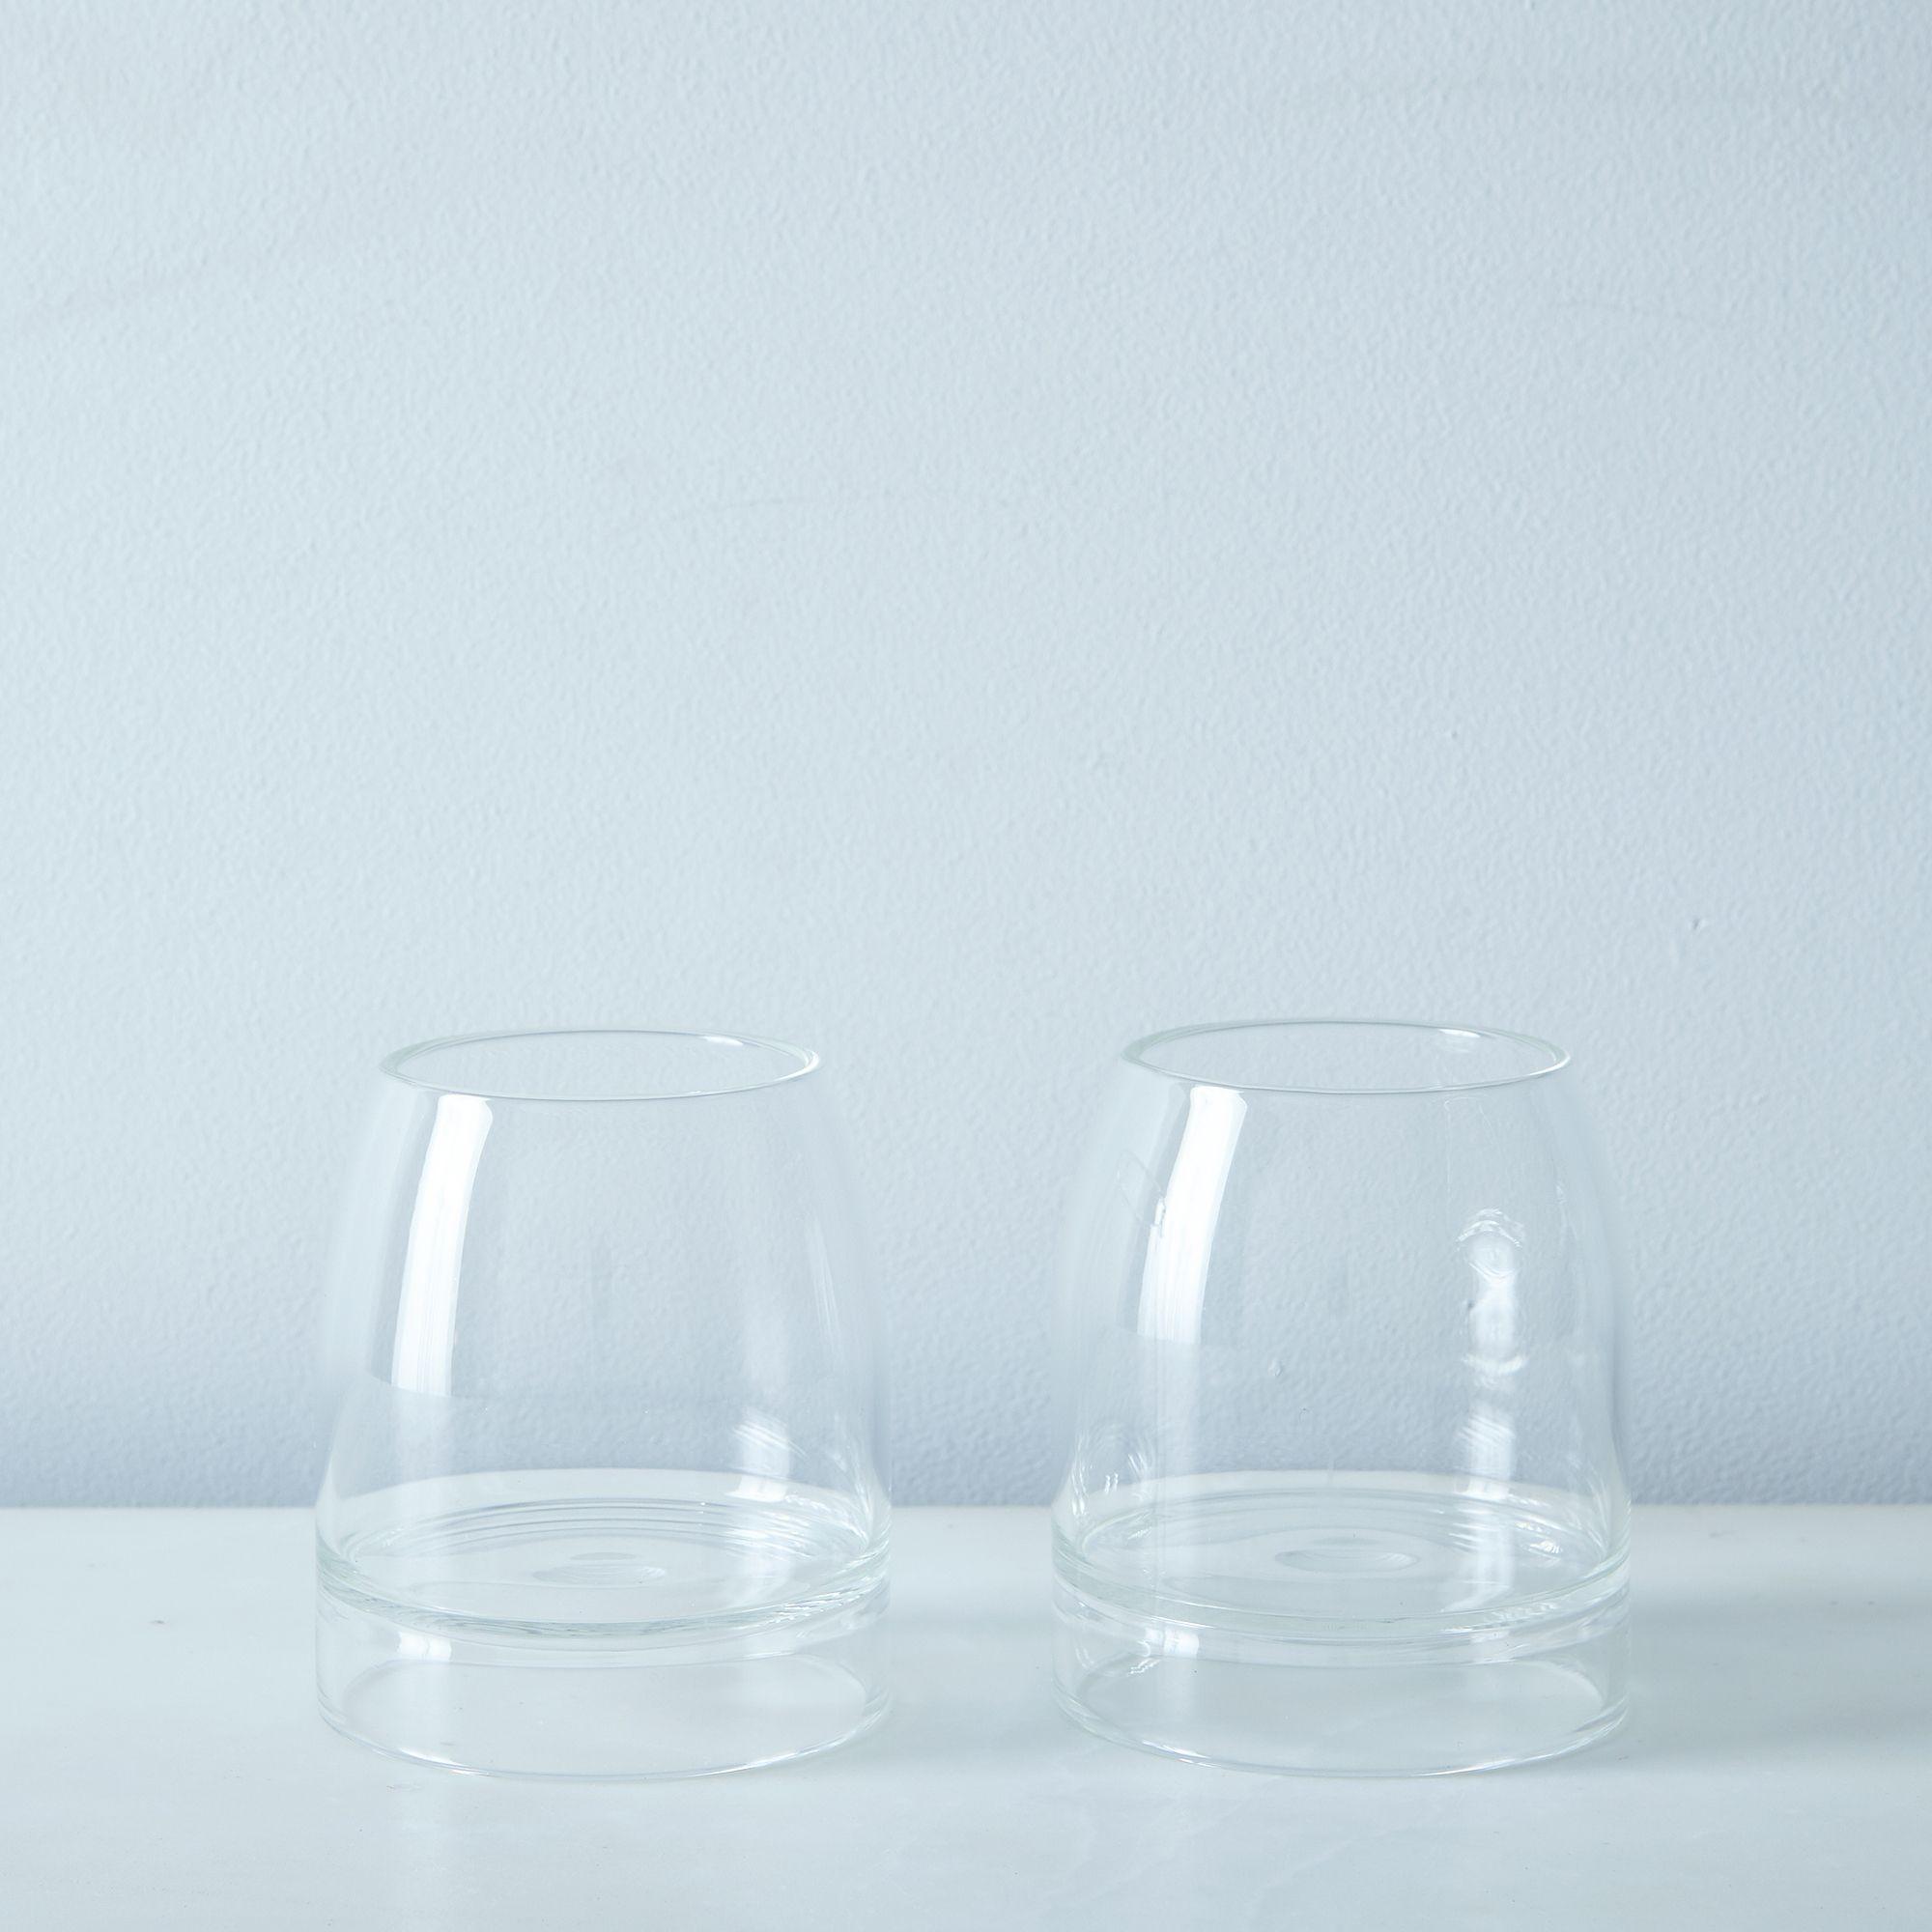 4fc2a02c 2155 4588 96bf 0f5b9f3a996d  2016 1207 fferrone rare whiskey glasses set of 2 silo rocky luten 075